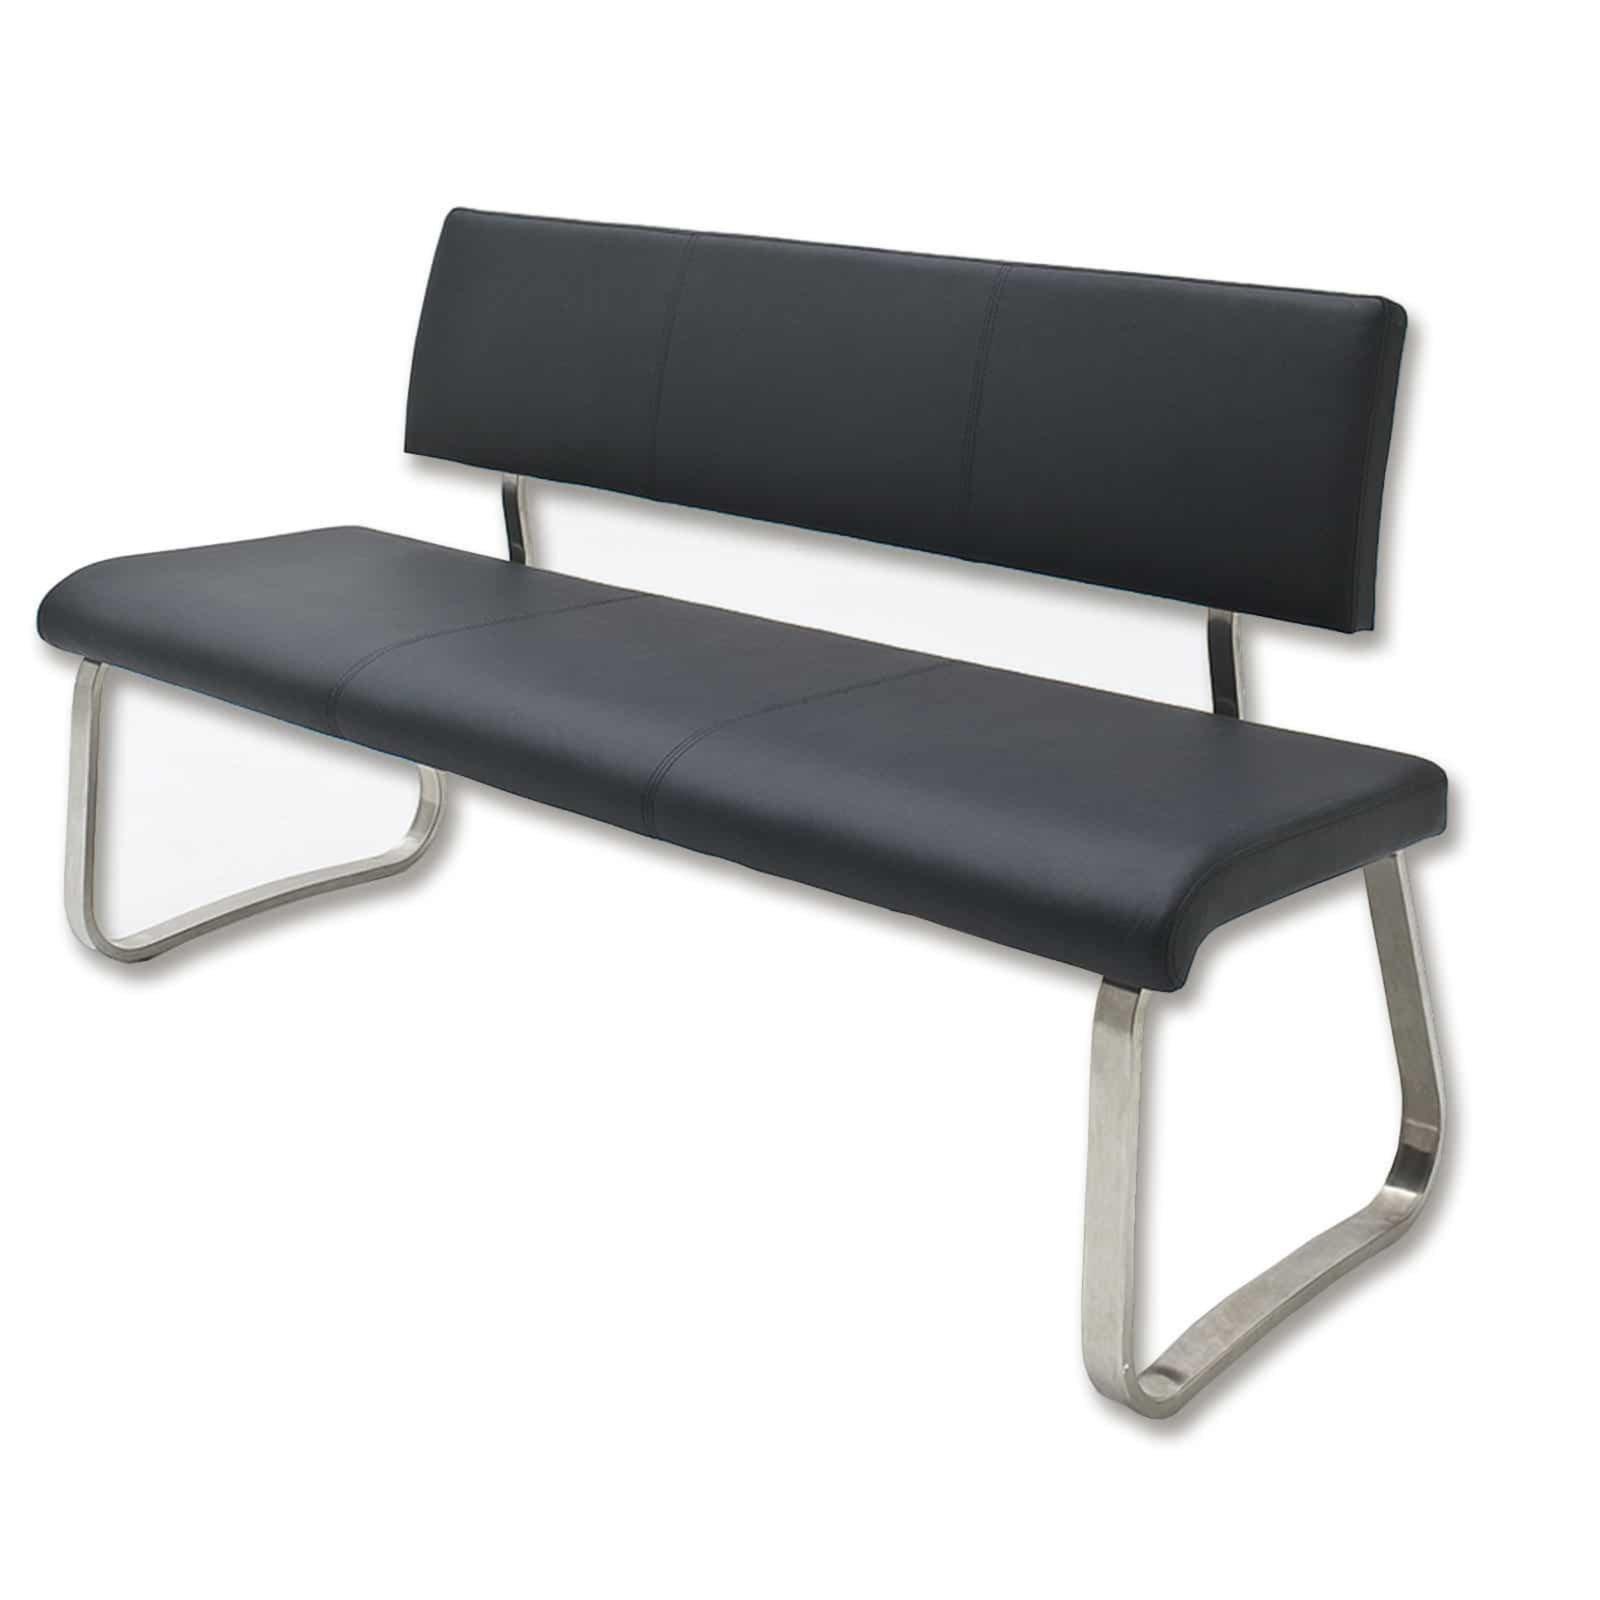 bank arco schwarz kunstleder 155 cm sitzb nke b nke m bel roller m belhaus. Black Bedroom Furniture Sets. Home Design Ideas